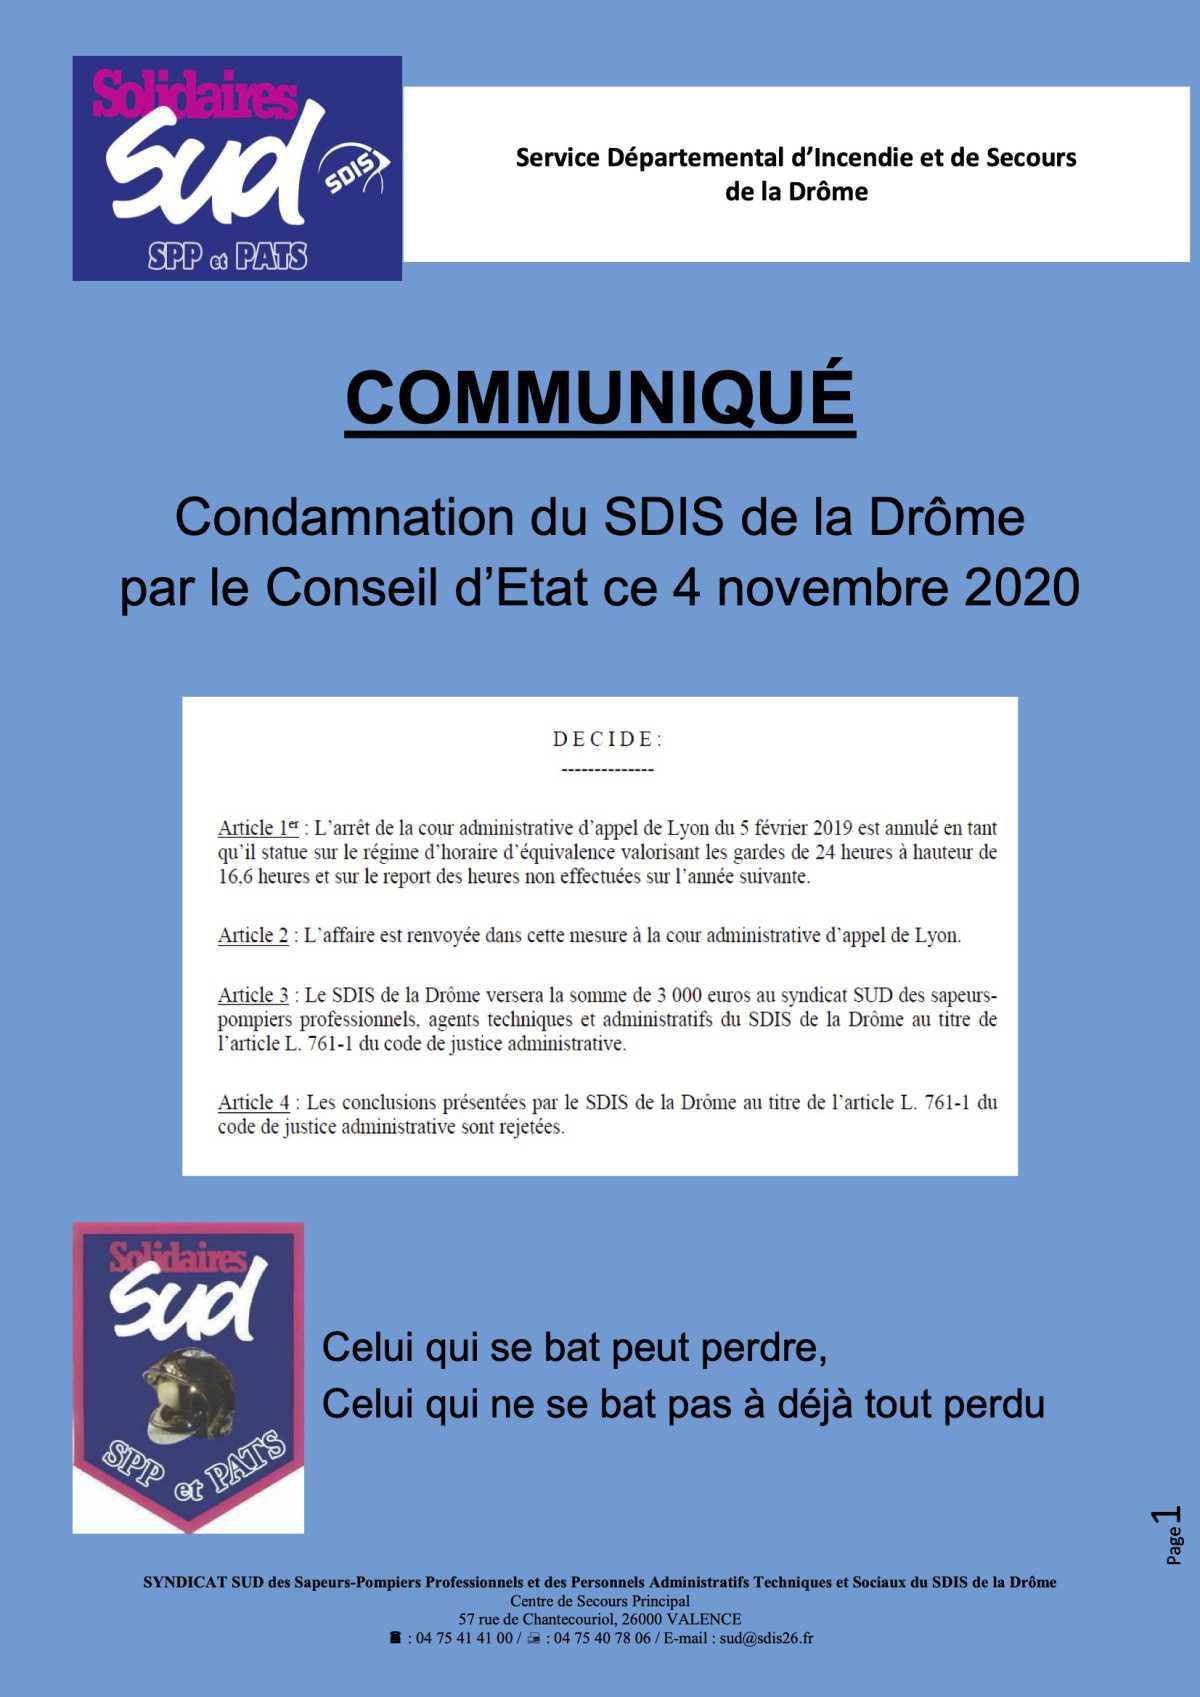 SUD SDIS 26 fait condamner le SDIS de la Drôme au Conseil d'Etat